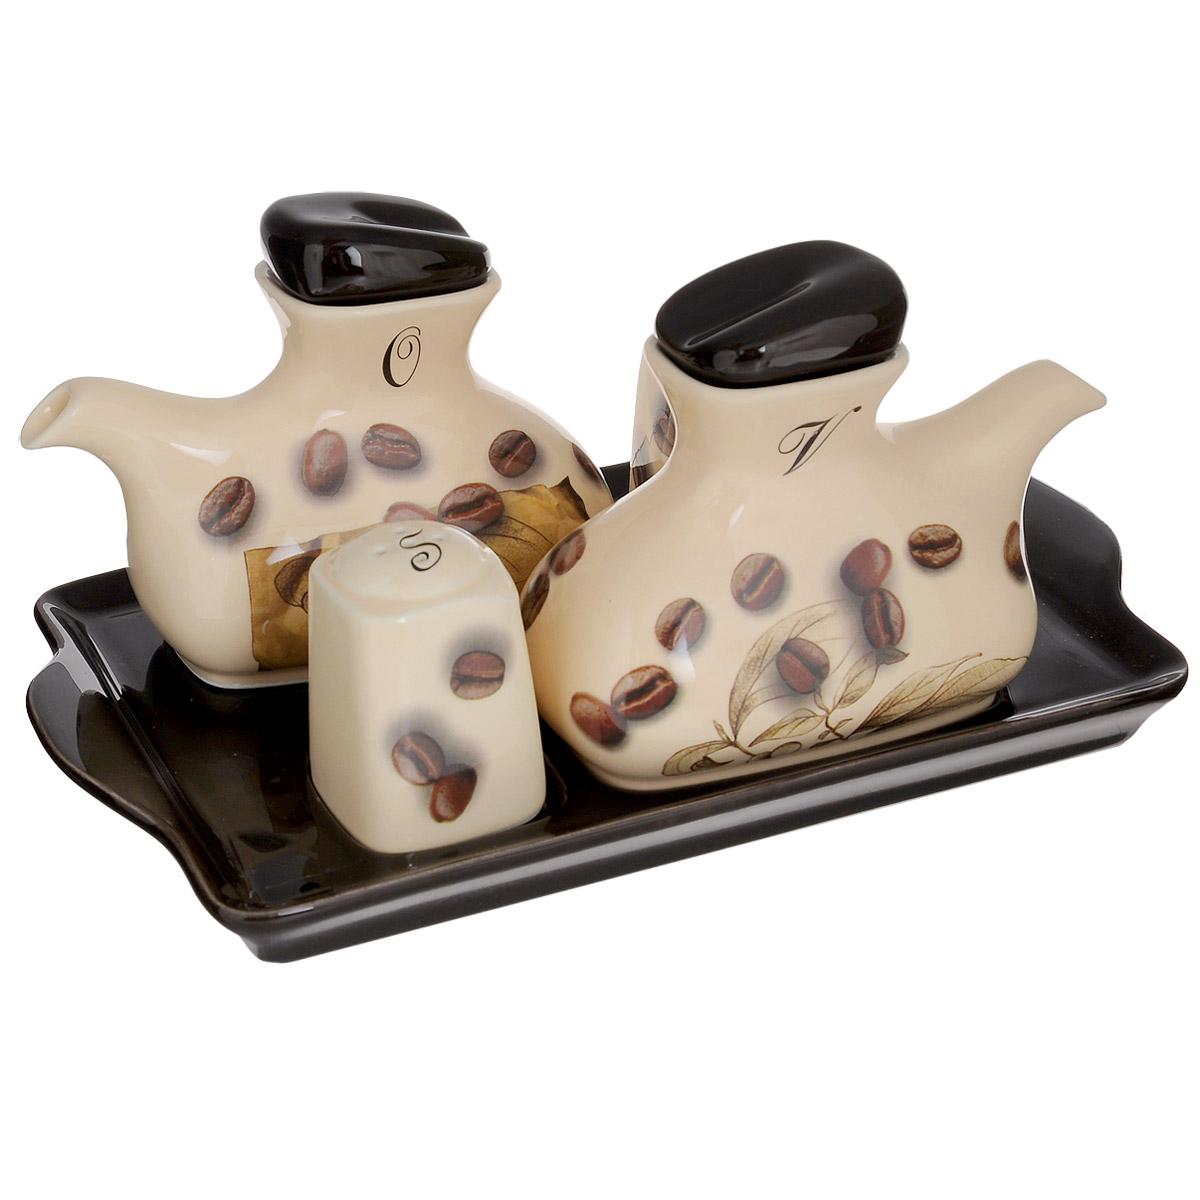 Набор для специй Sestesi Moka, 5 предметовMOK876Набор для специй Sestesi Moka, изготовленный из высококачественной керамики, состоит из солонки, перечницы, емкостей для масла и уксуса с крышками и носиками. Изделия оформлены изображением кофейных зерен. Все предметы набора компактно располагаются на удобном подносе с ручками. Оригинальный дизайн, эстетичность и функциональность набора позволят ему стать достойным дополнением к кухонному инвентарю. Не рекомендуется мыть в посудомоечной машине. Размер солонки/перечницы: 4,5 см х 4,5 см х 6,5 см. Размер емкостей для масла и уксуса: 14 см х 7 см х 11 см. Размер подноса: 28 см х 17 см х 3 см.